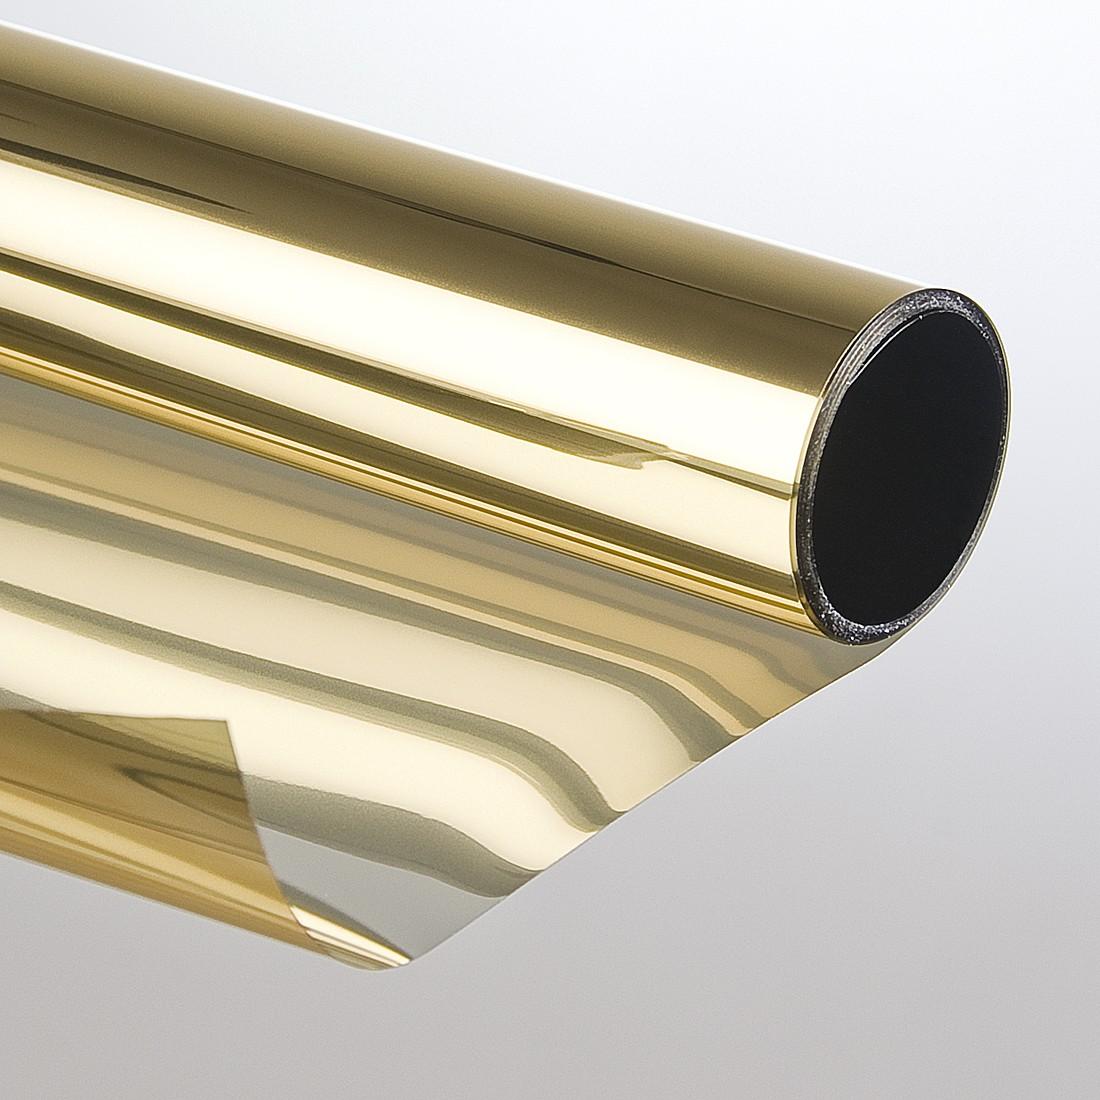 sonnenschutzfolie spiegelfolie gold bronze 152 cm w hlbar bis 30 meter folien. Black Bedroom Furniture Sets. Home Design Ideas